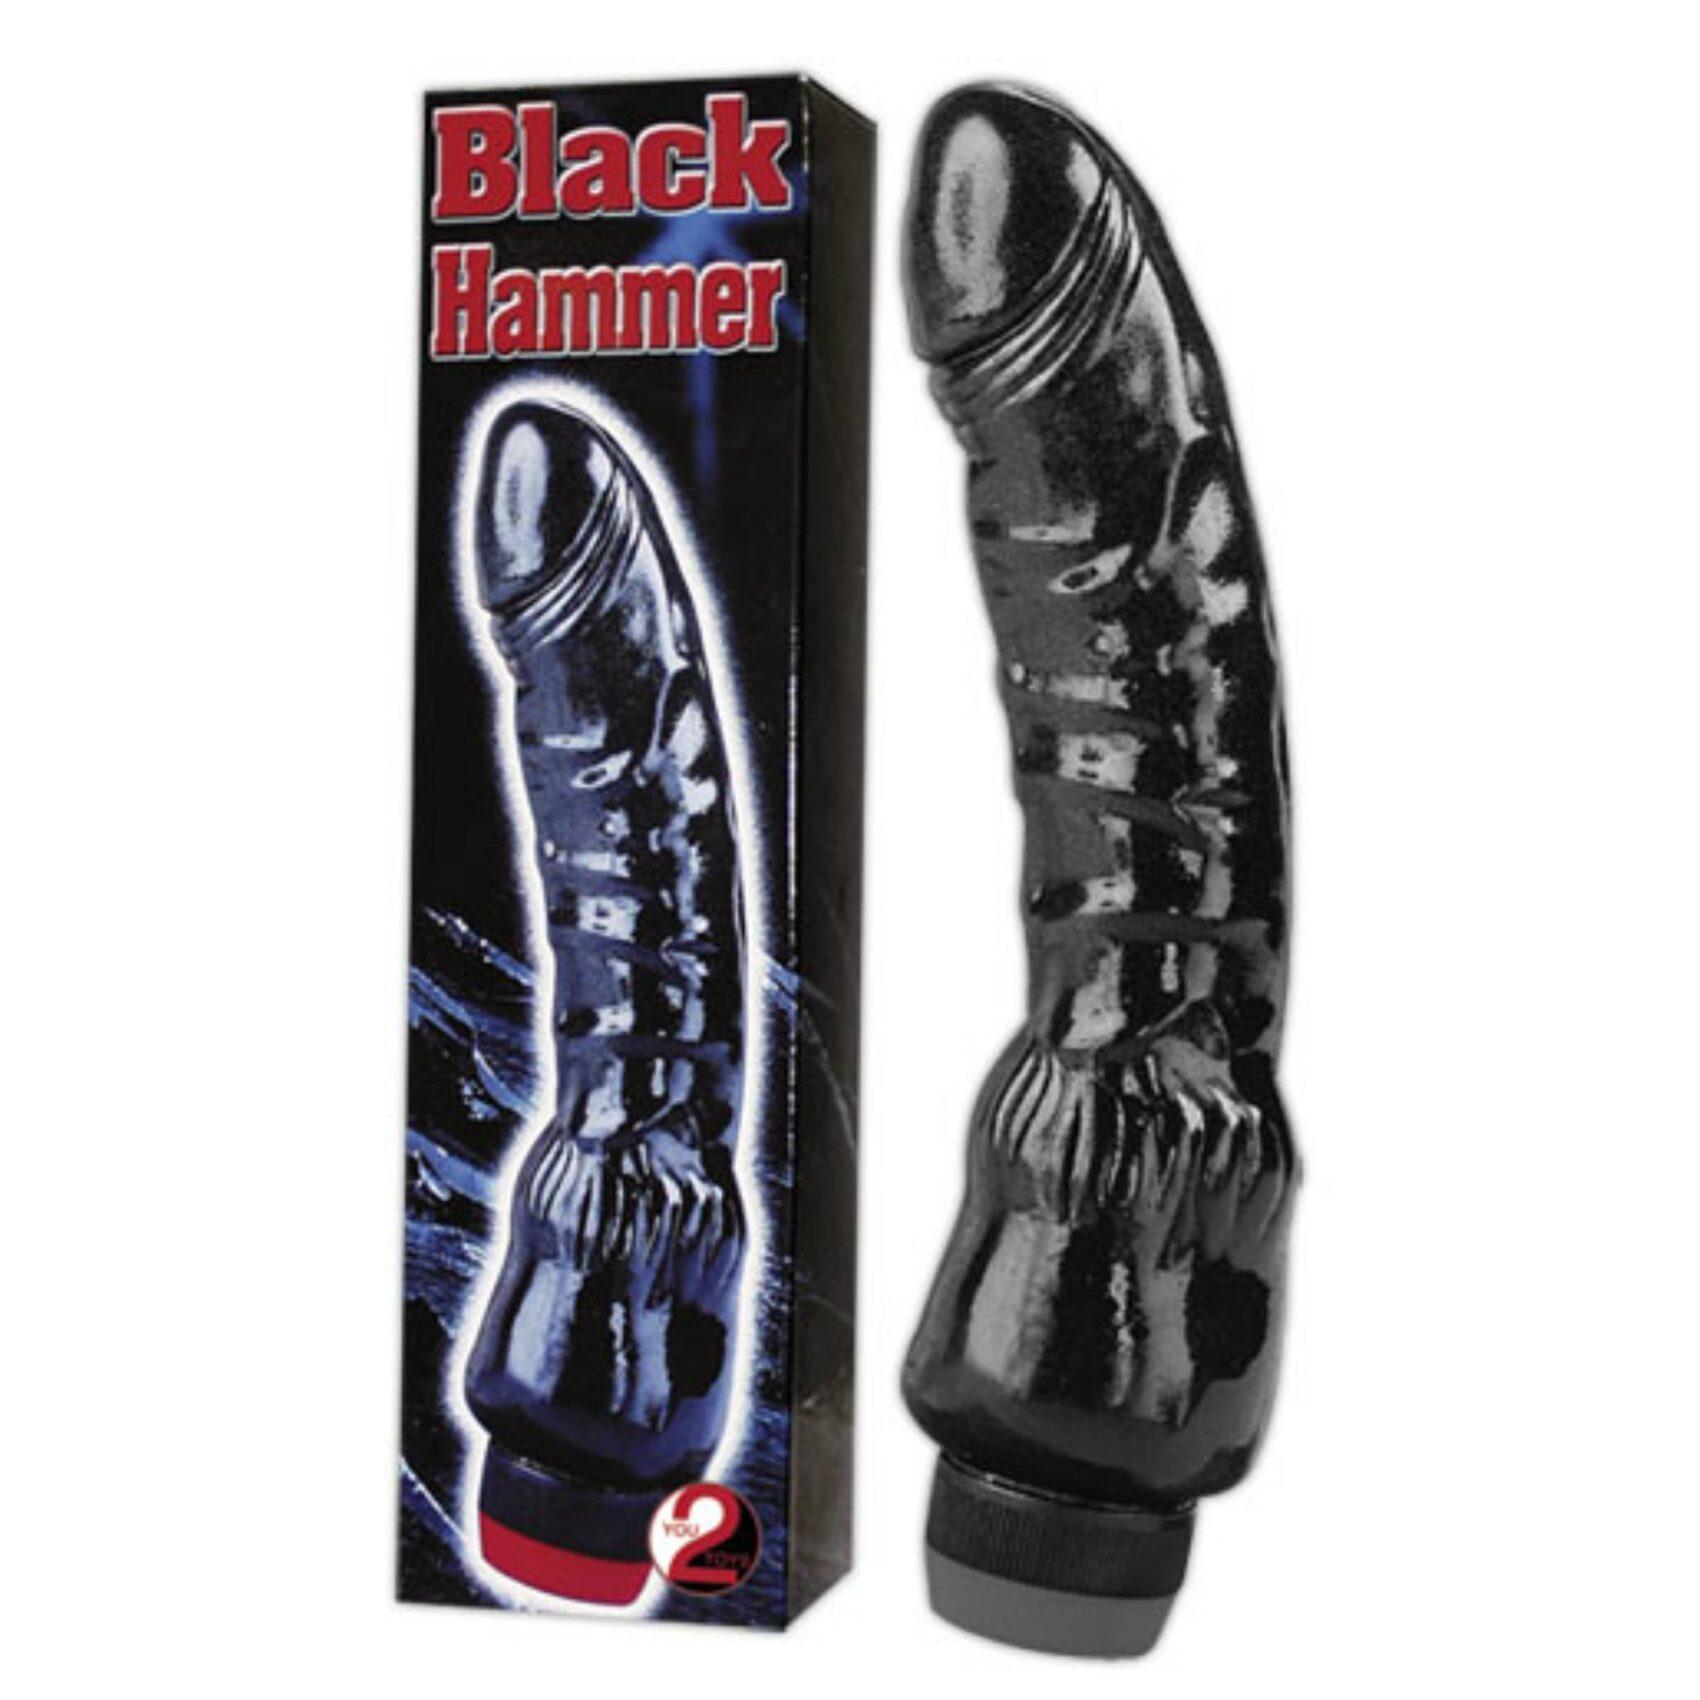 Hammer dildo